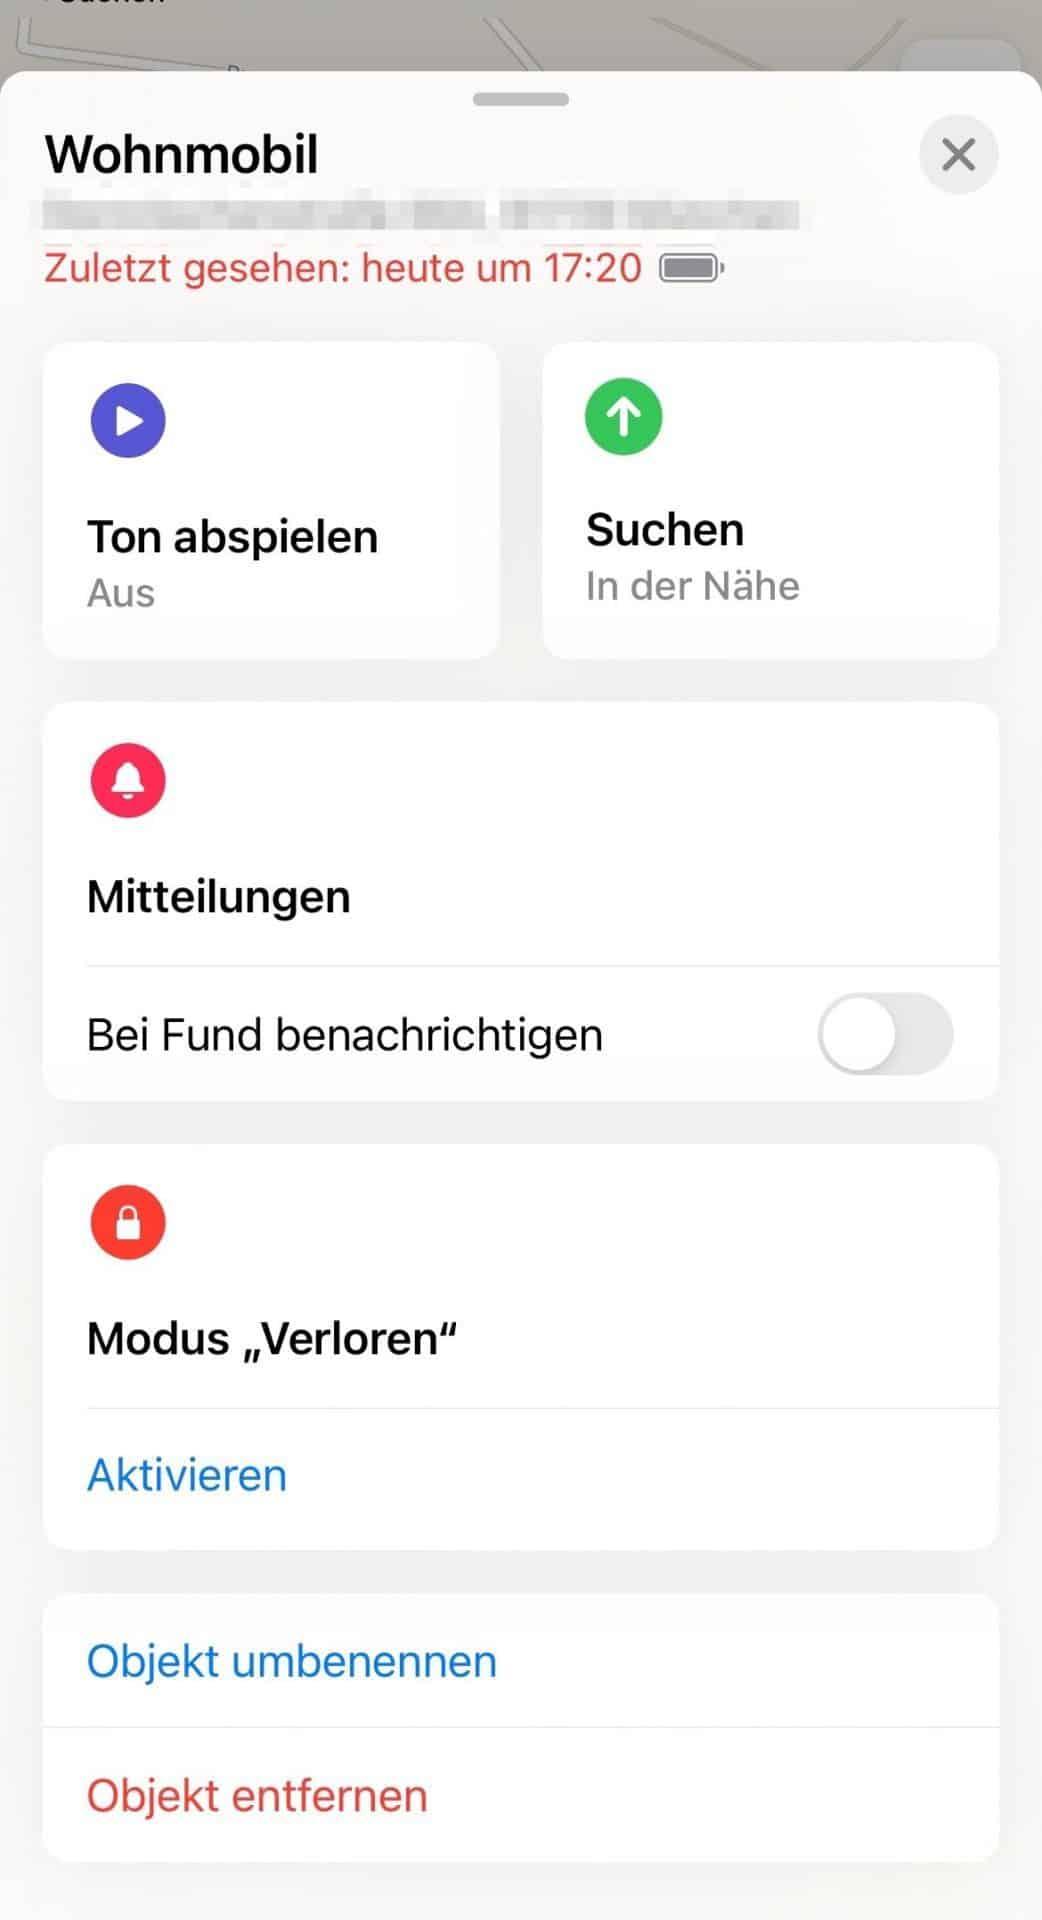 Apple-Airtag-App-Wo-ist-Modus-verloren